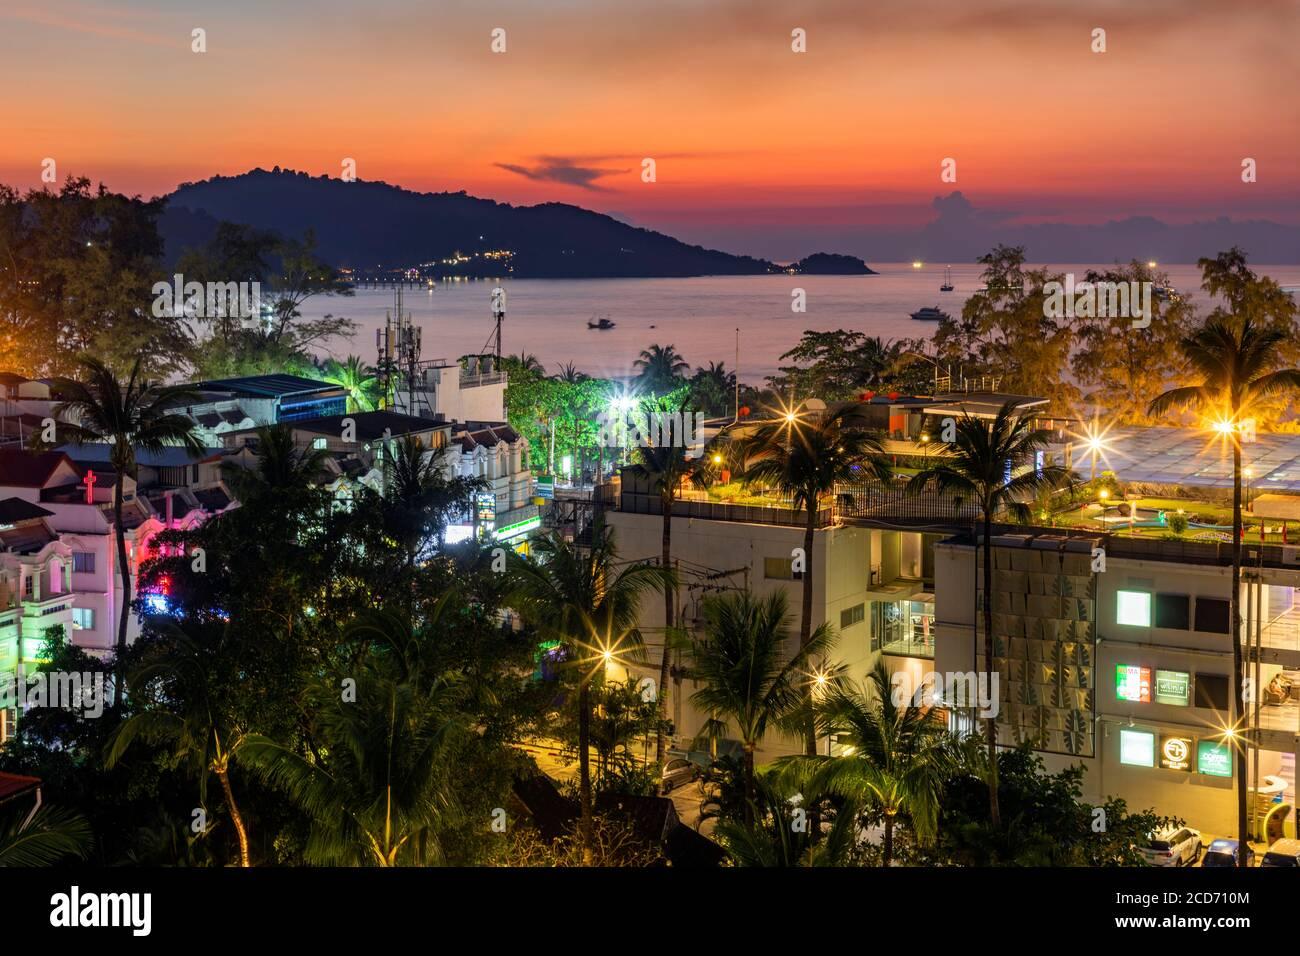 Paisaje al atardecer, Patong, Phuket, Tailandia Foto de stock